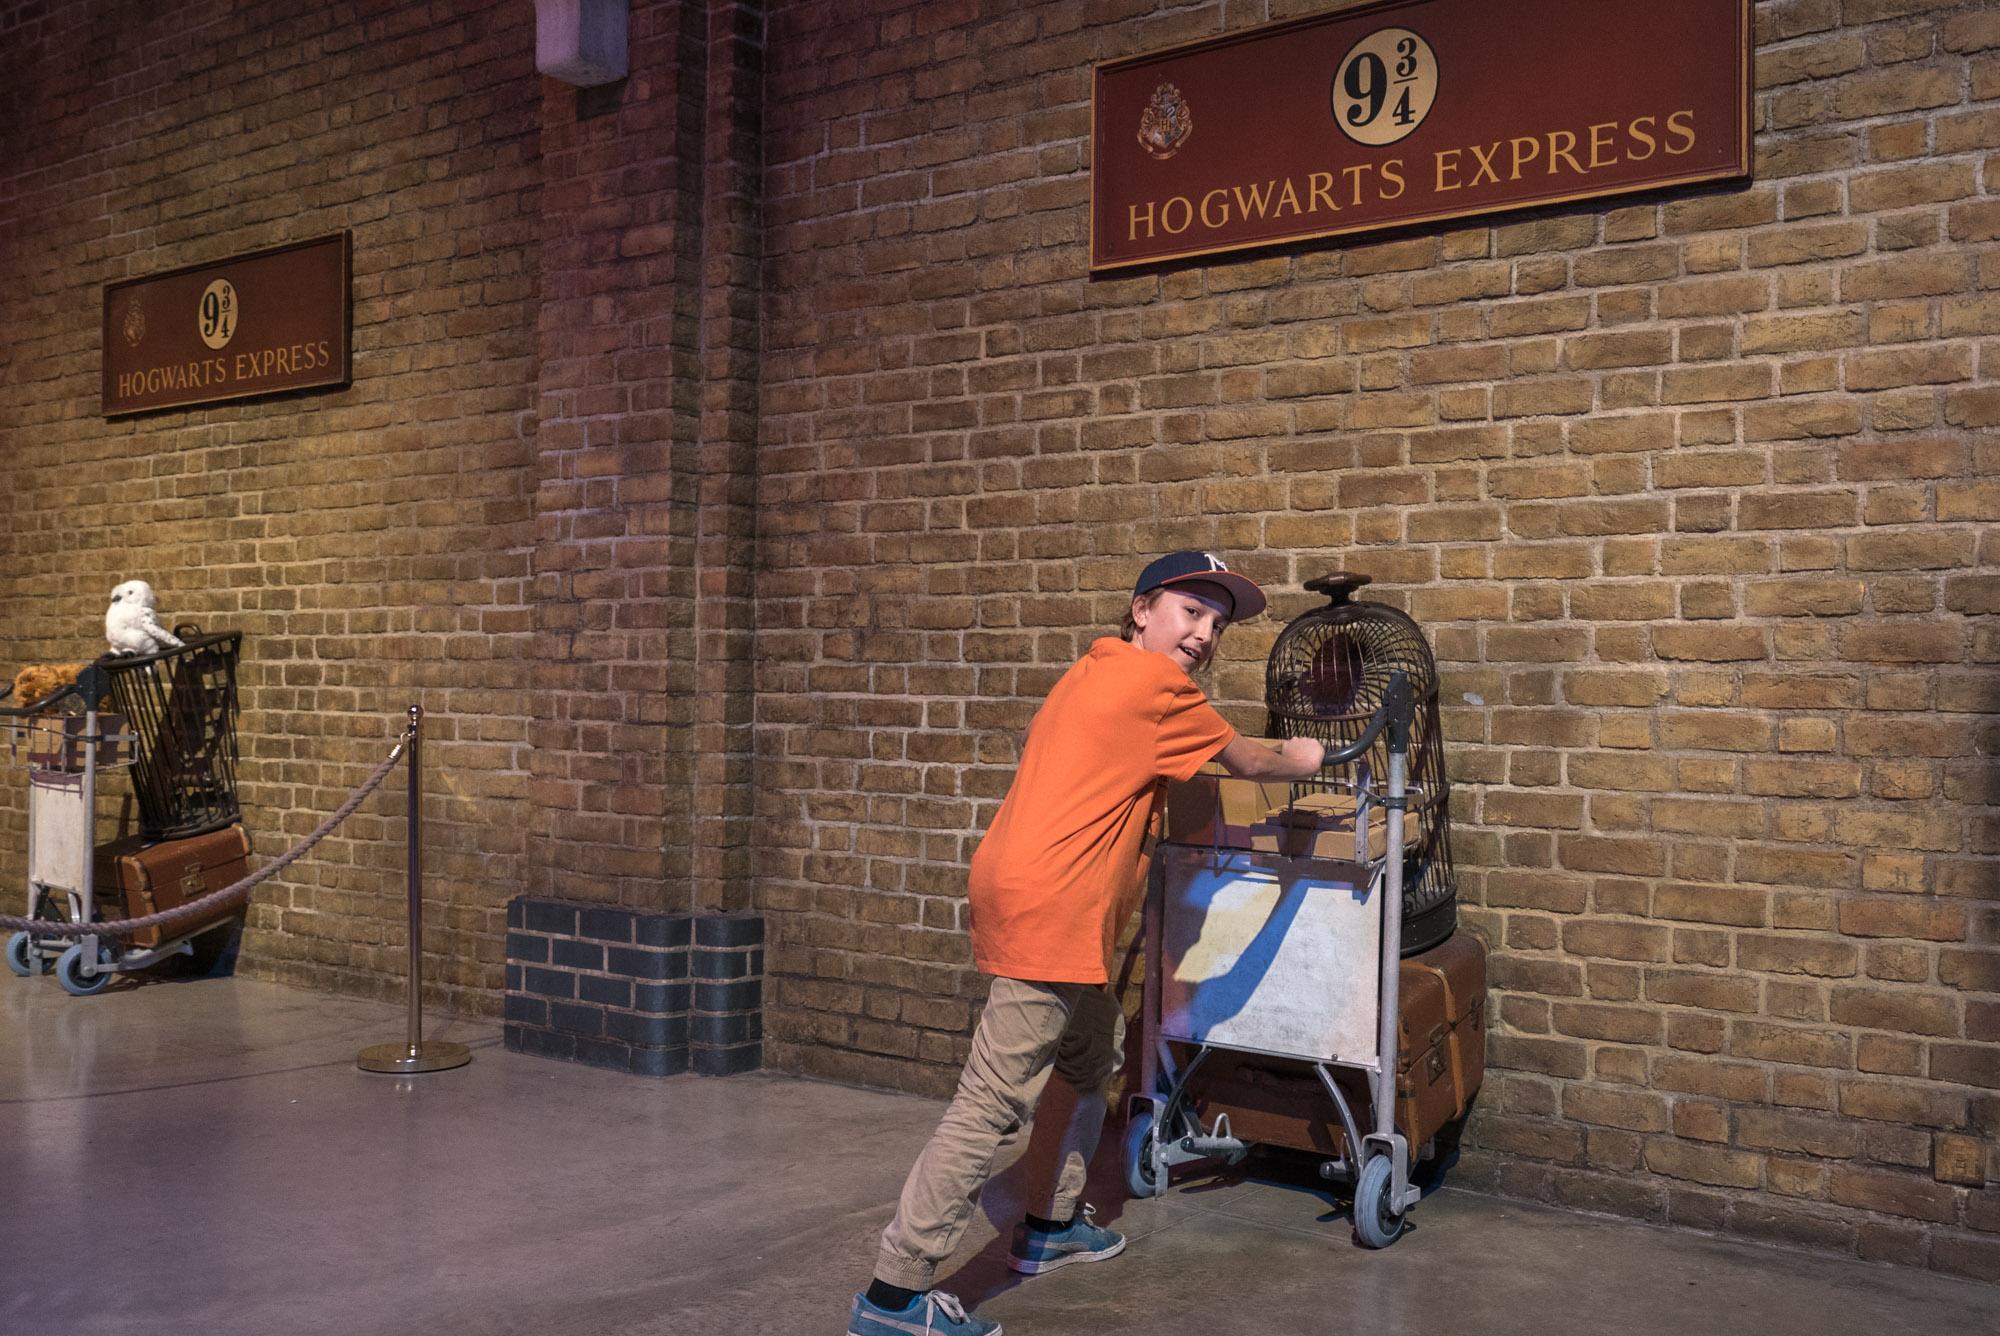 london_harry_potter_00073